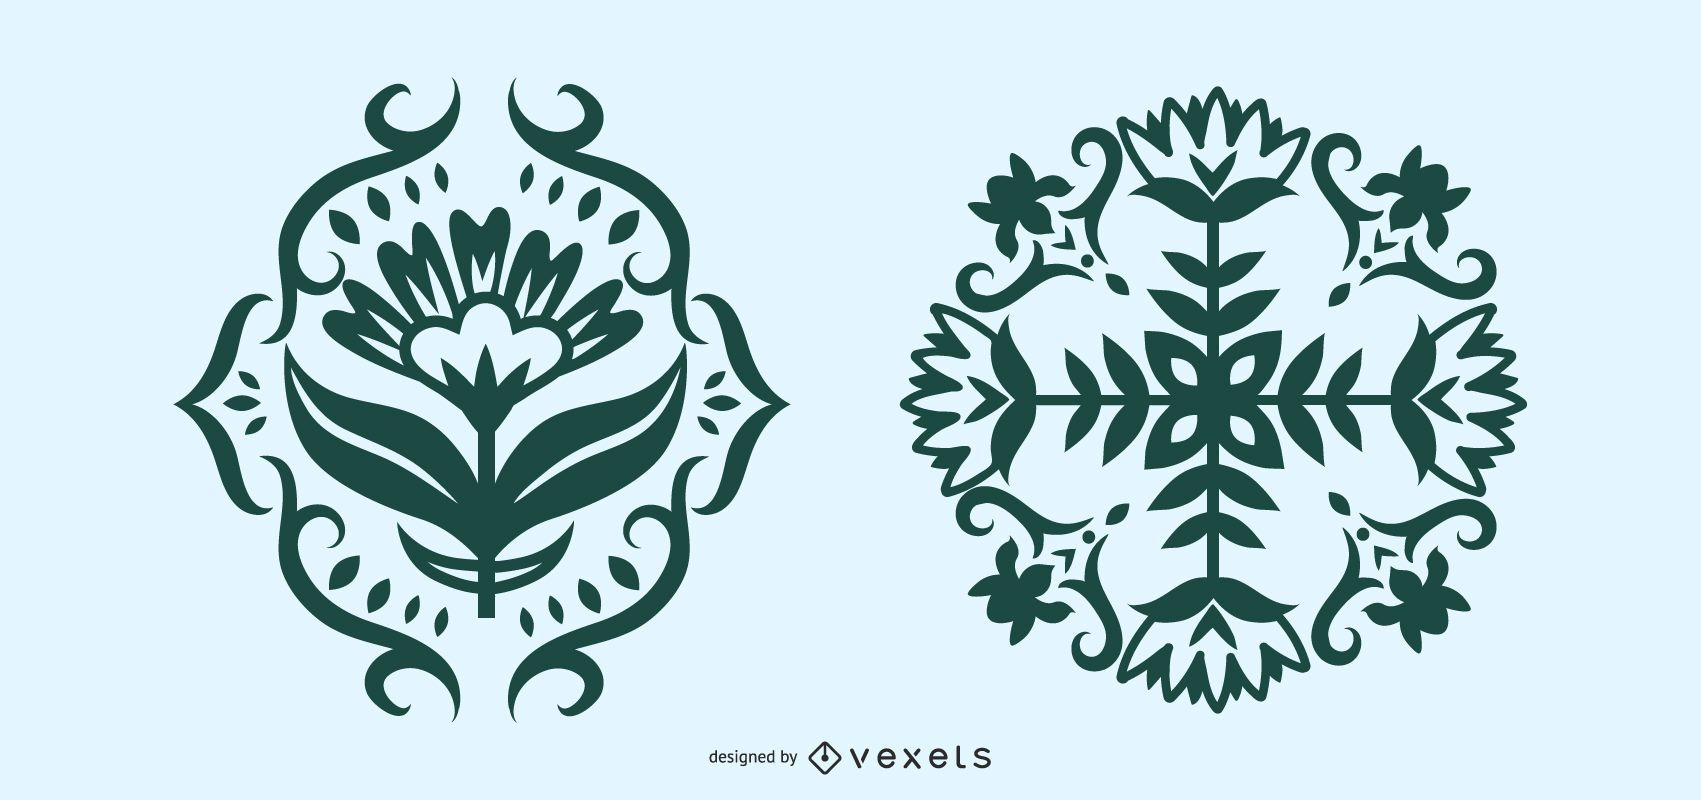 Scandinavian Folk Art Floral Silhouette Set